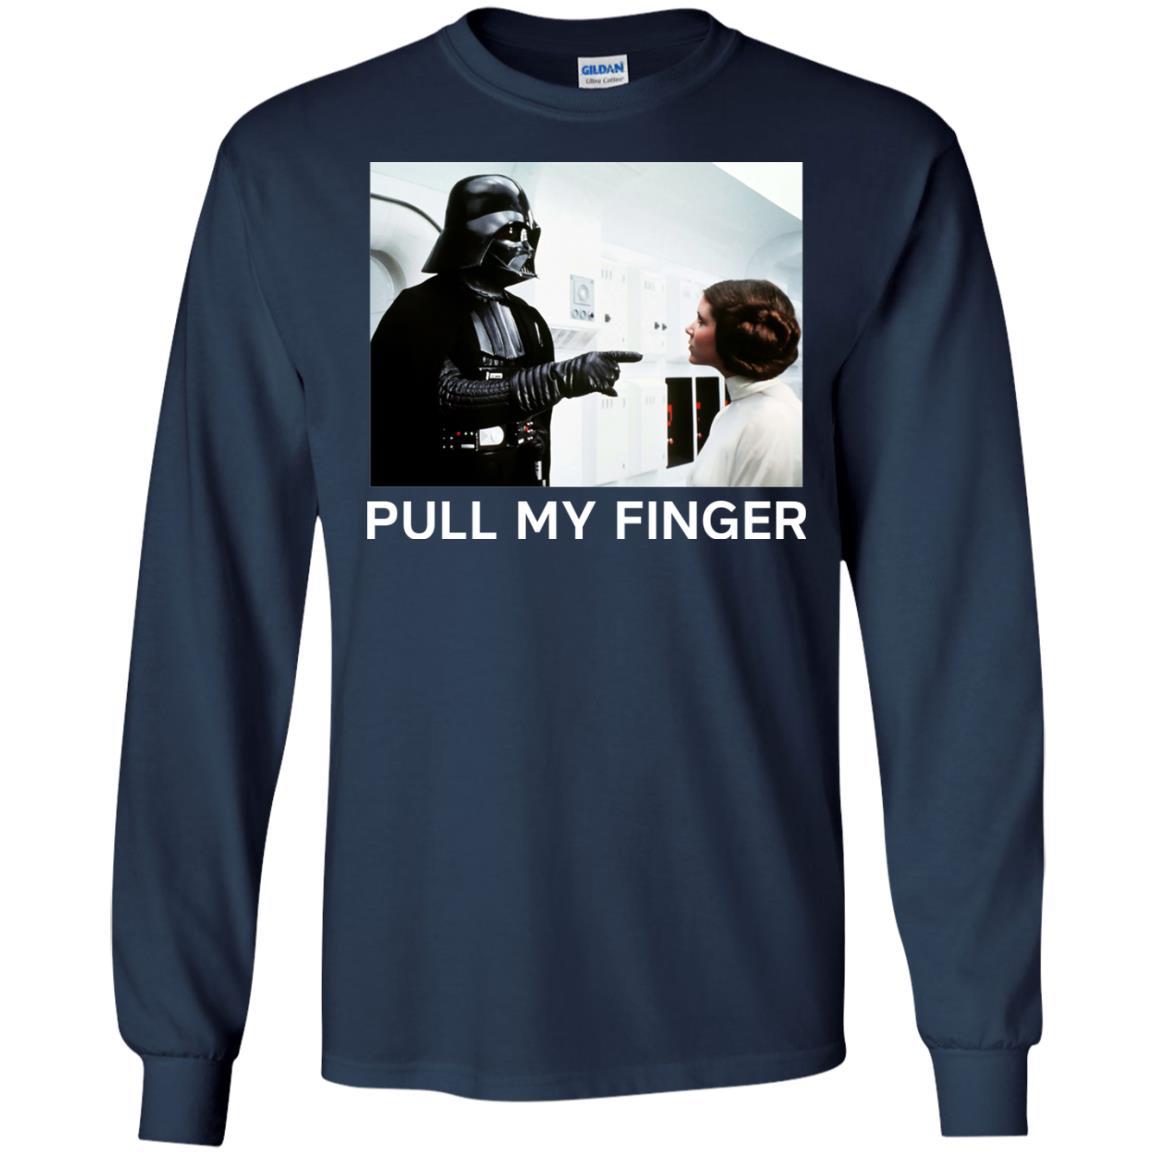 image 534 - Star Wars Darth Vader & Princess Leia: Pull My Finger shirt